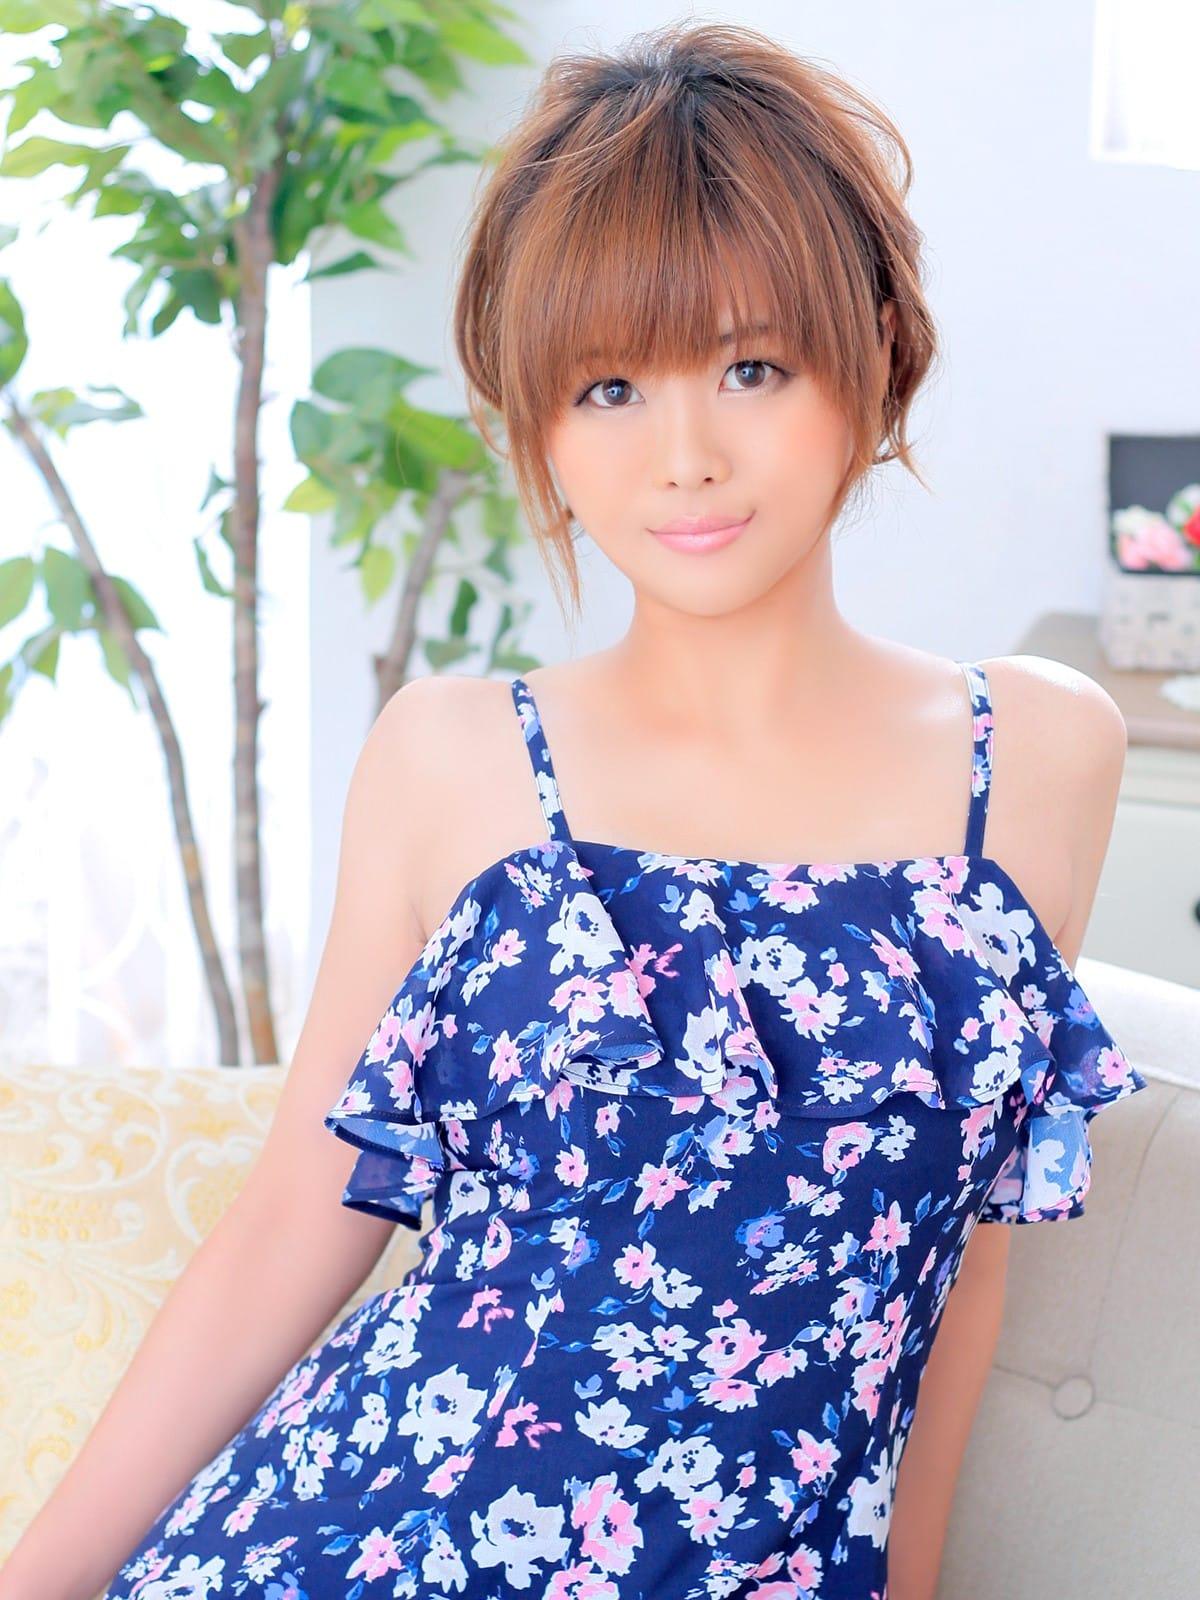 「おはよーございます(^-^)/」10/23(月) 13:36   ゆーほの写メ・風俗動画